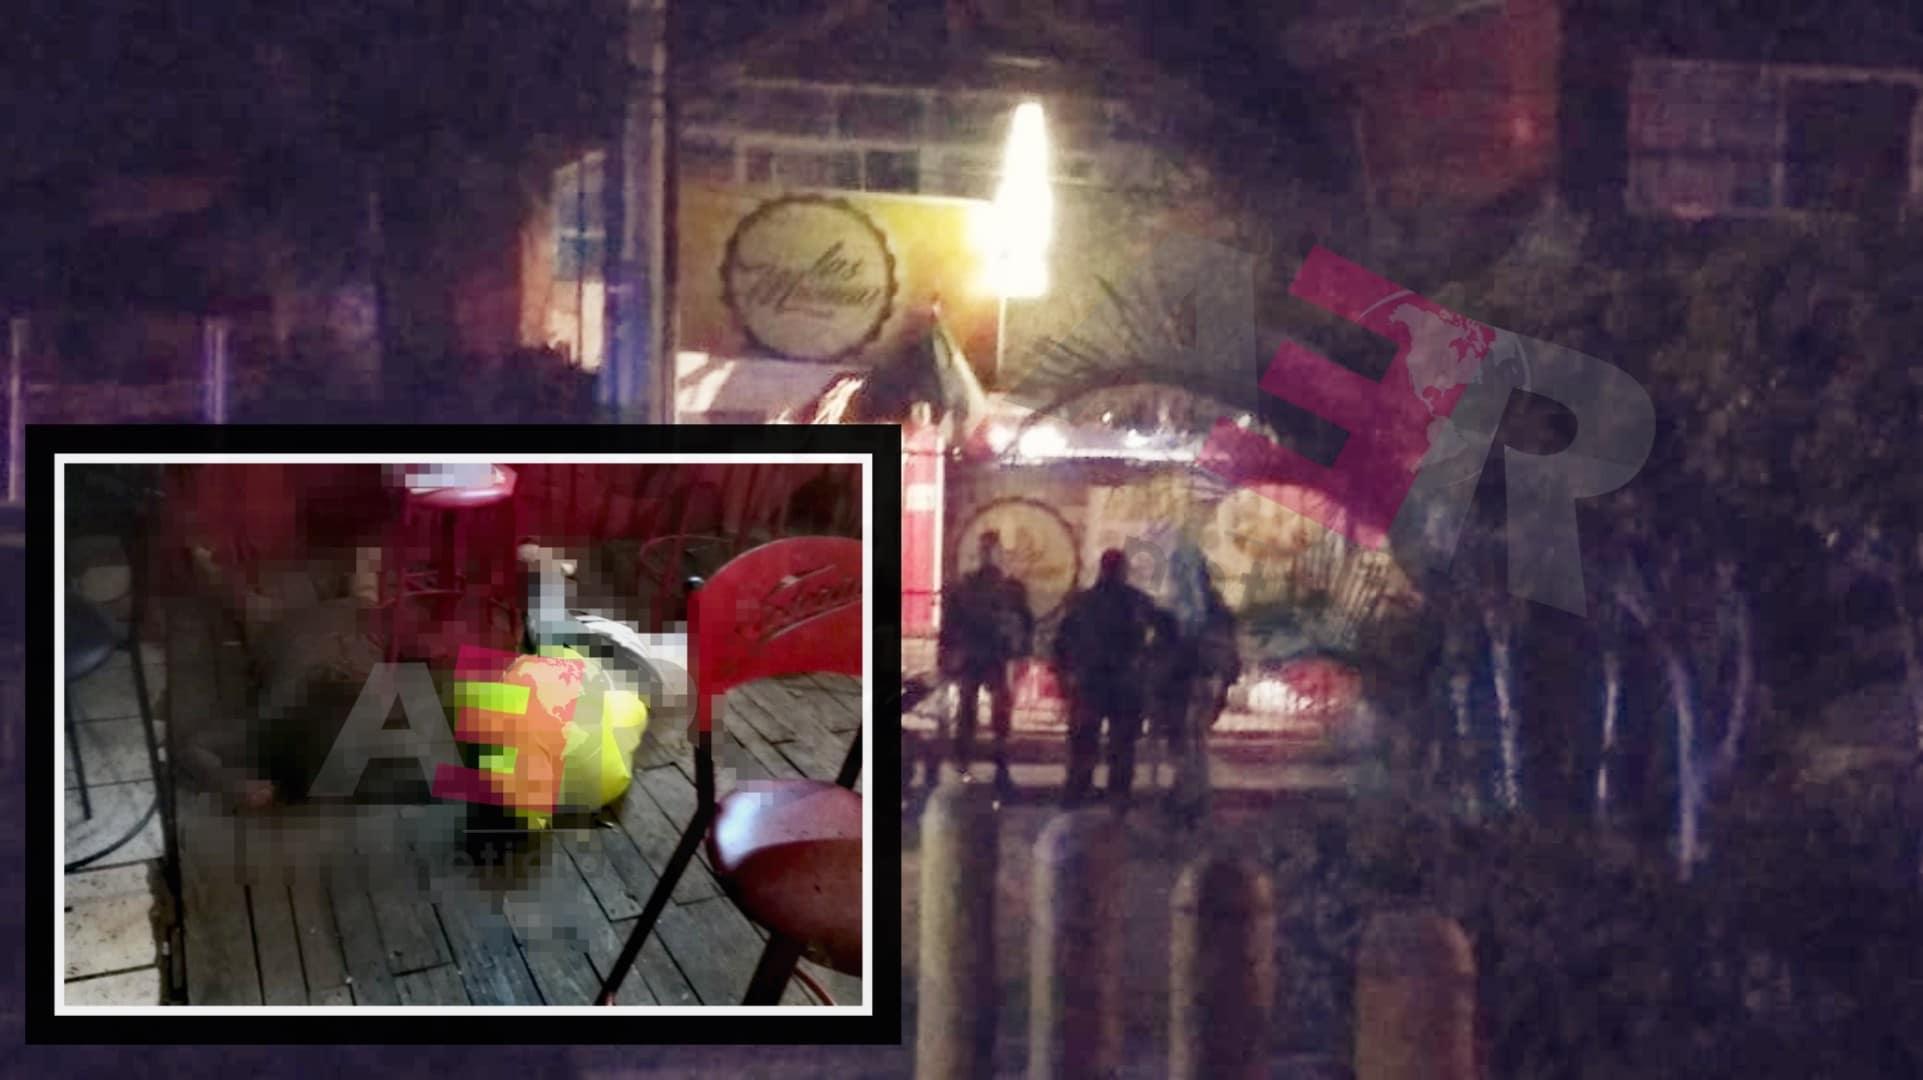 """Cuatro muertos y una mujer """"levantada"""" en bar Las Muñecas en Celaya 1"""